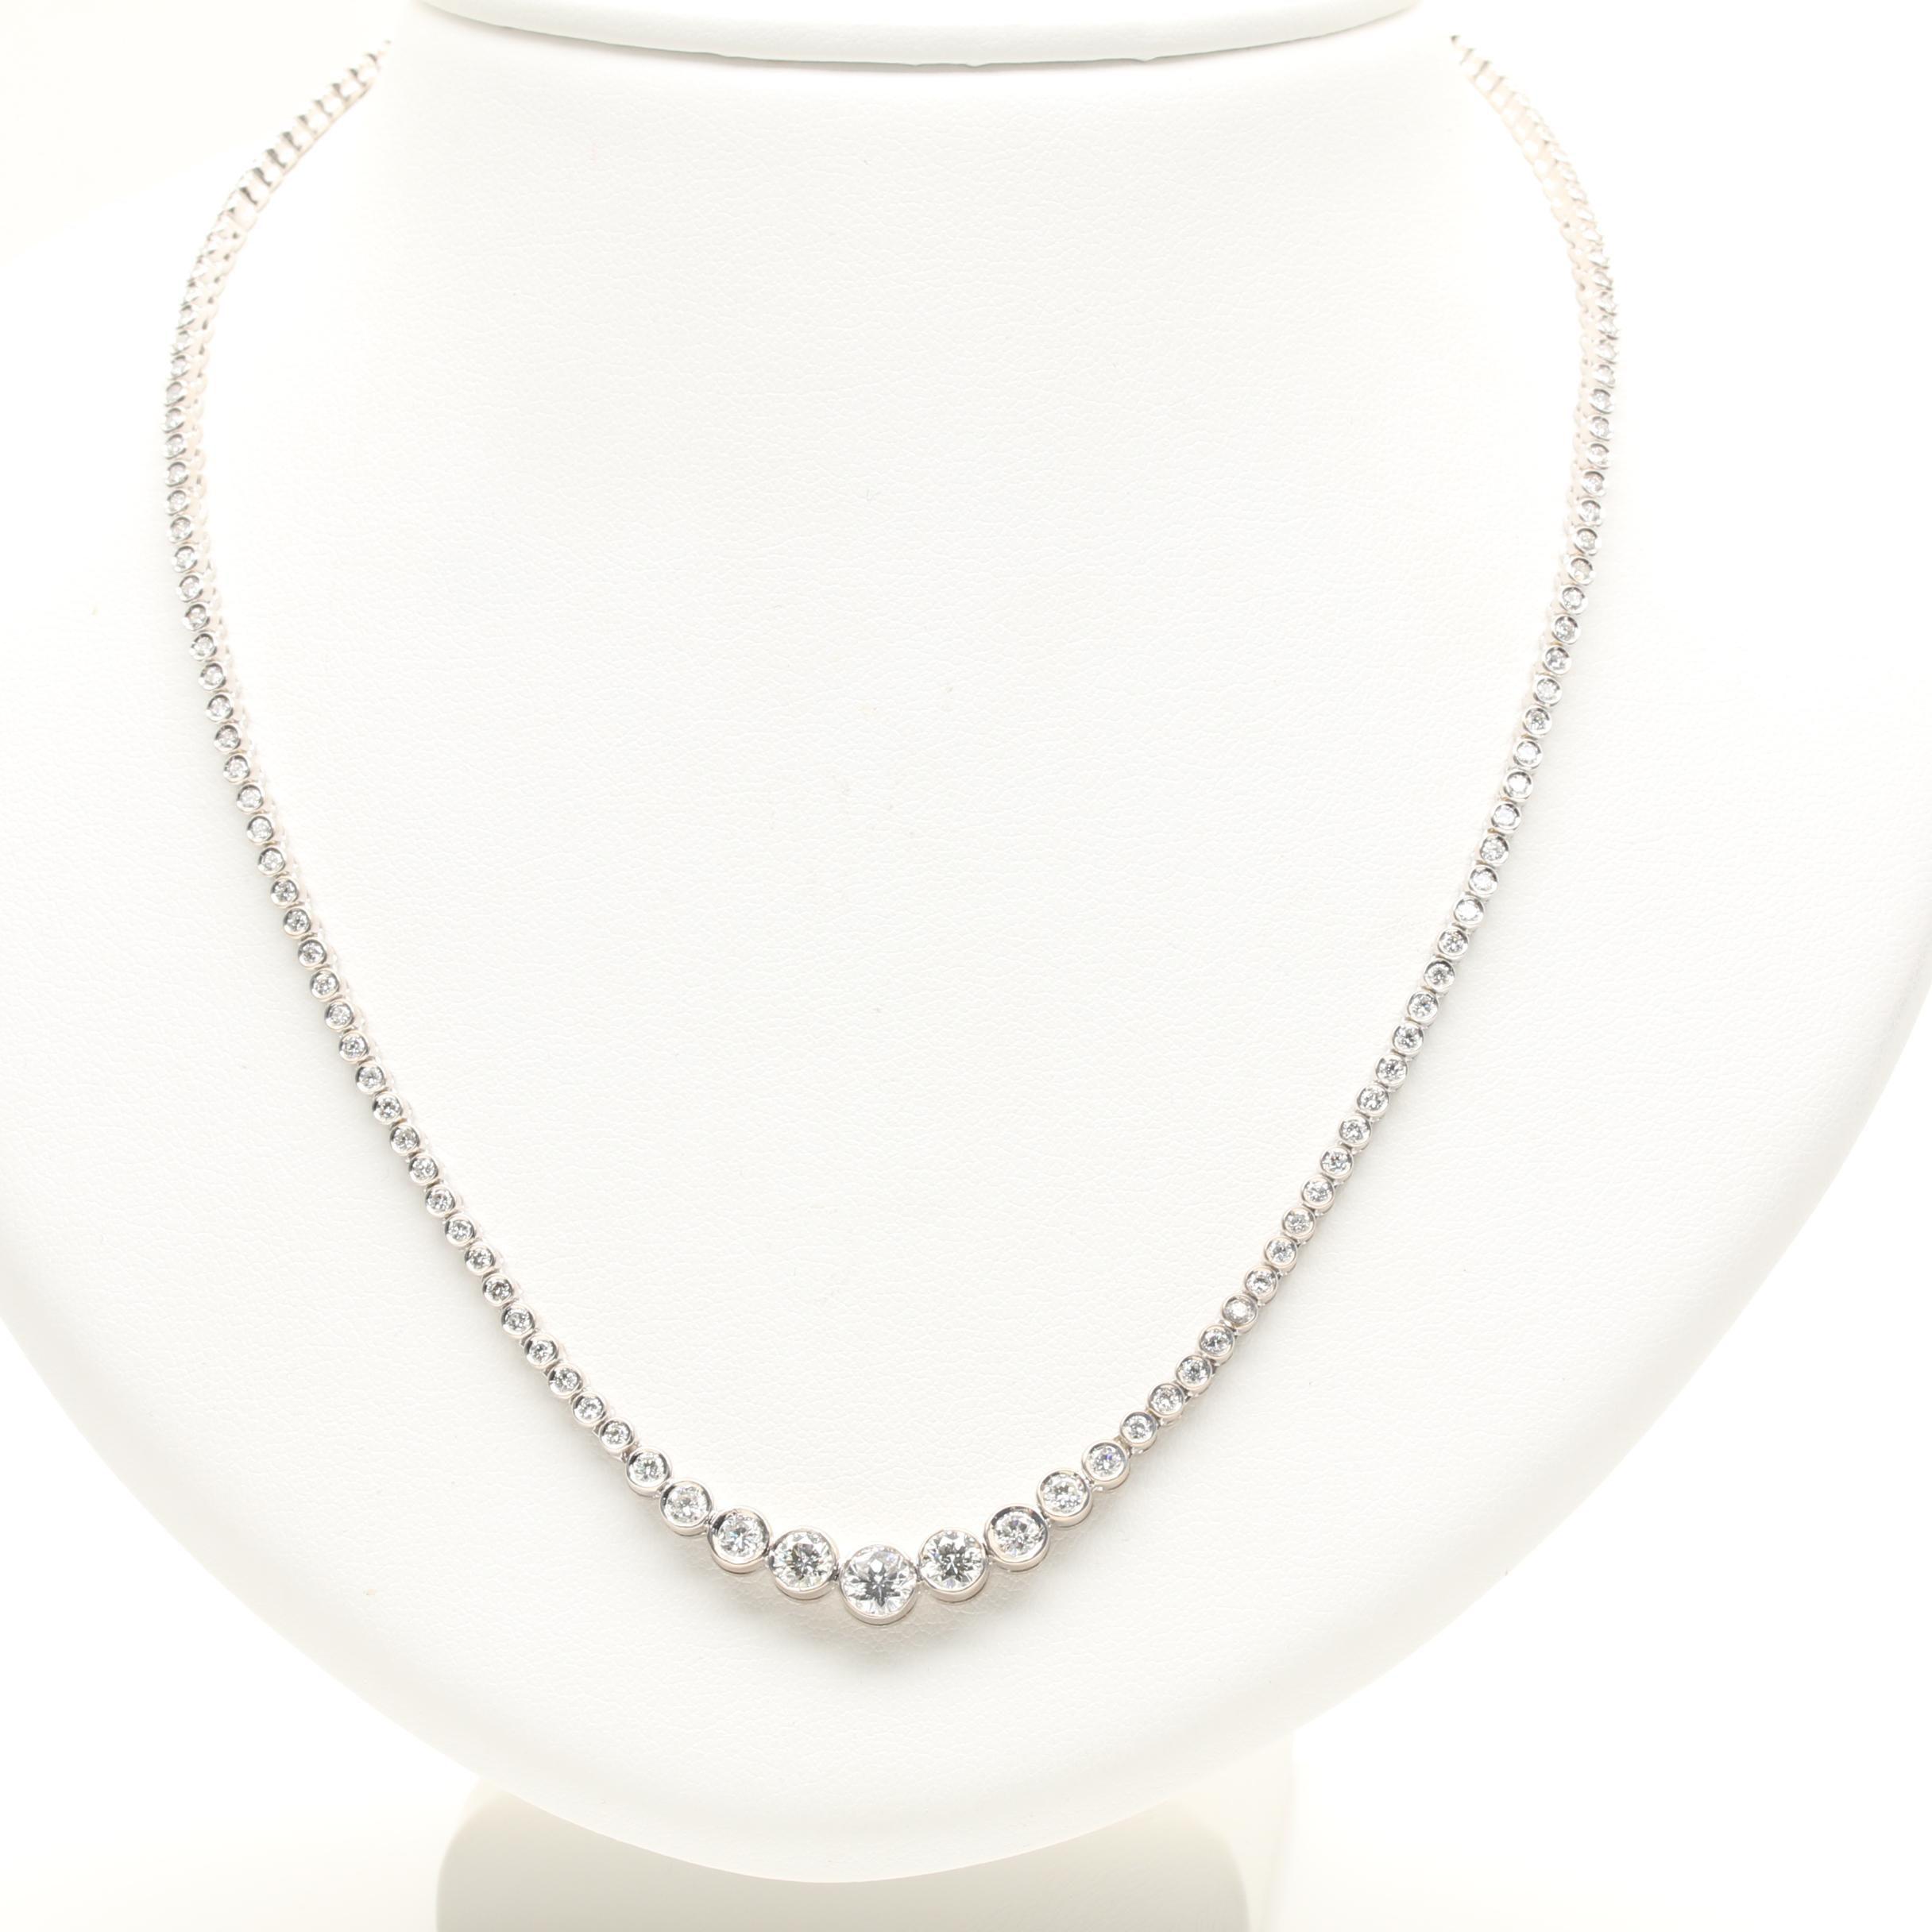 18K White Gold 4.34 CTW Diamond Rivière Necklace